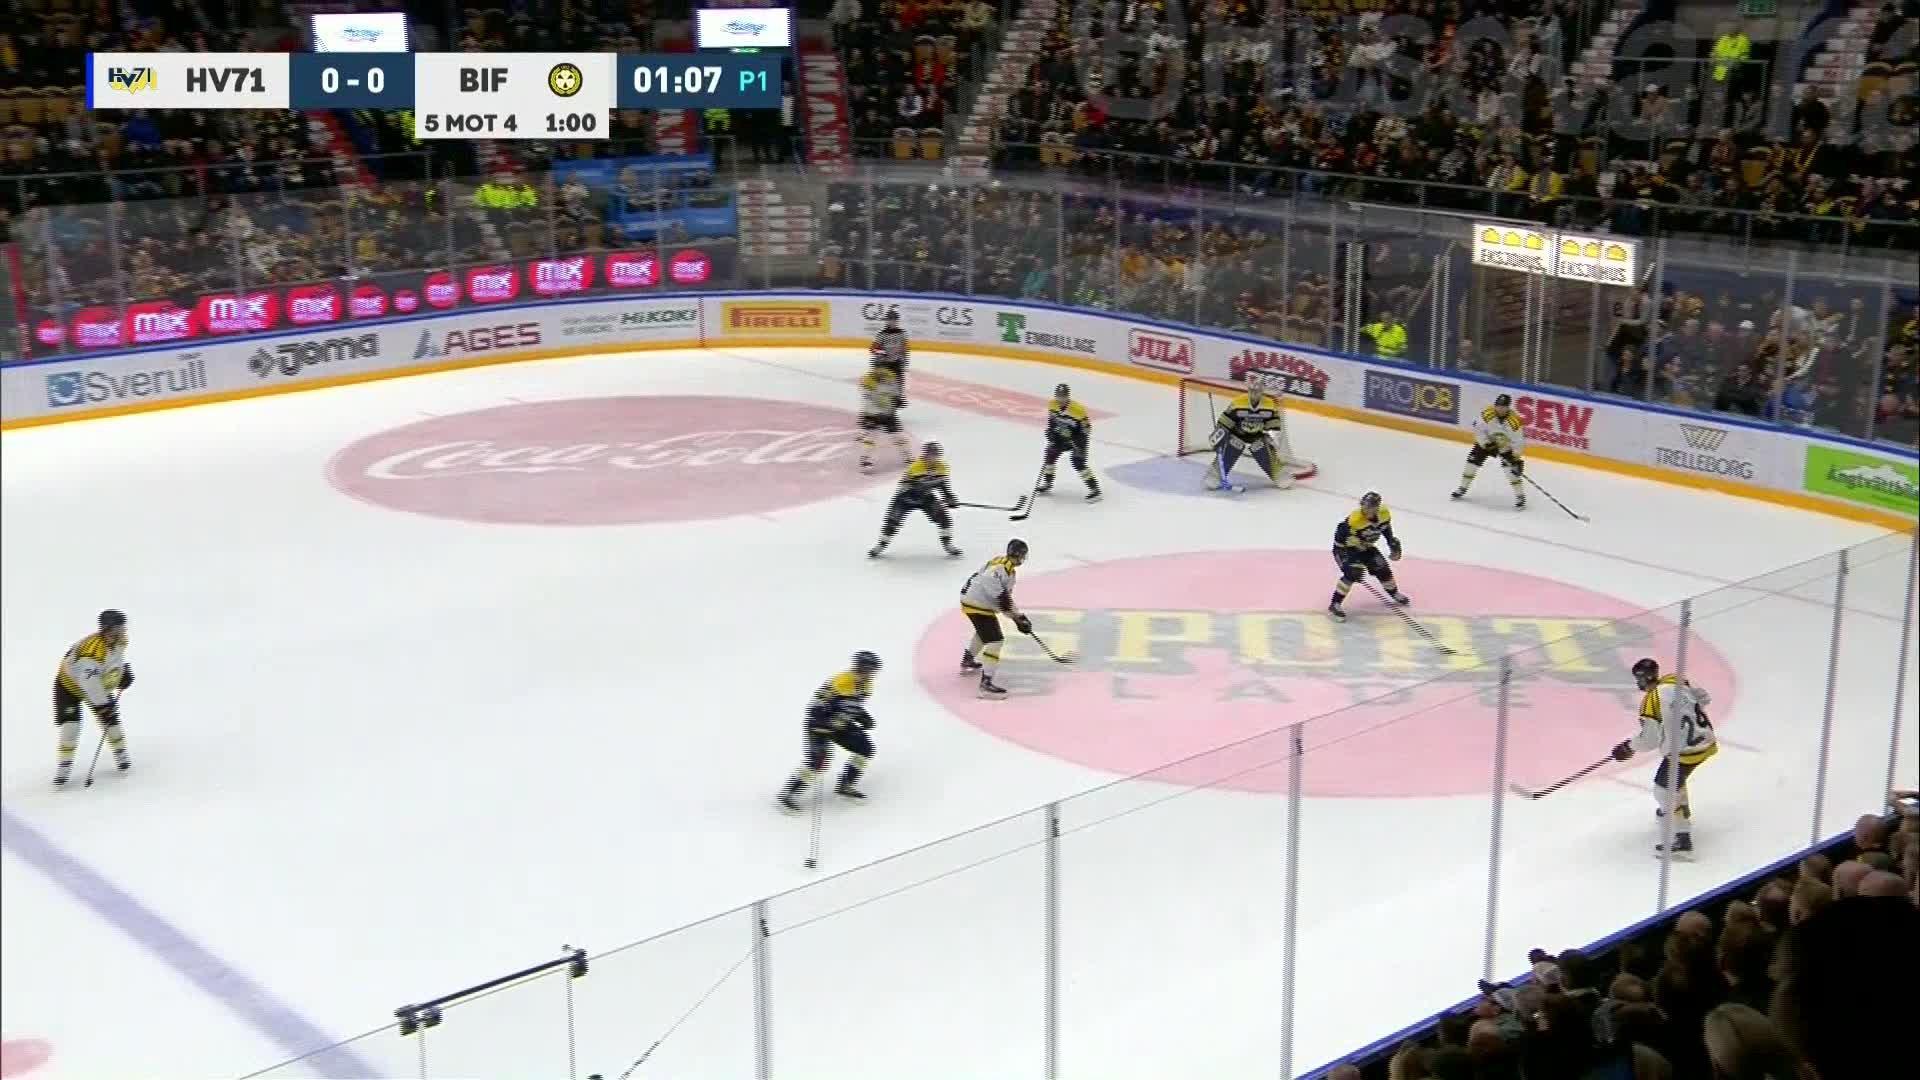 HV71 - Brynäs IF 0-1